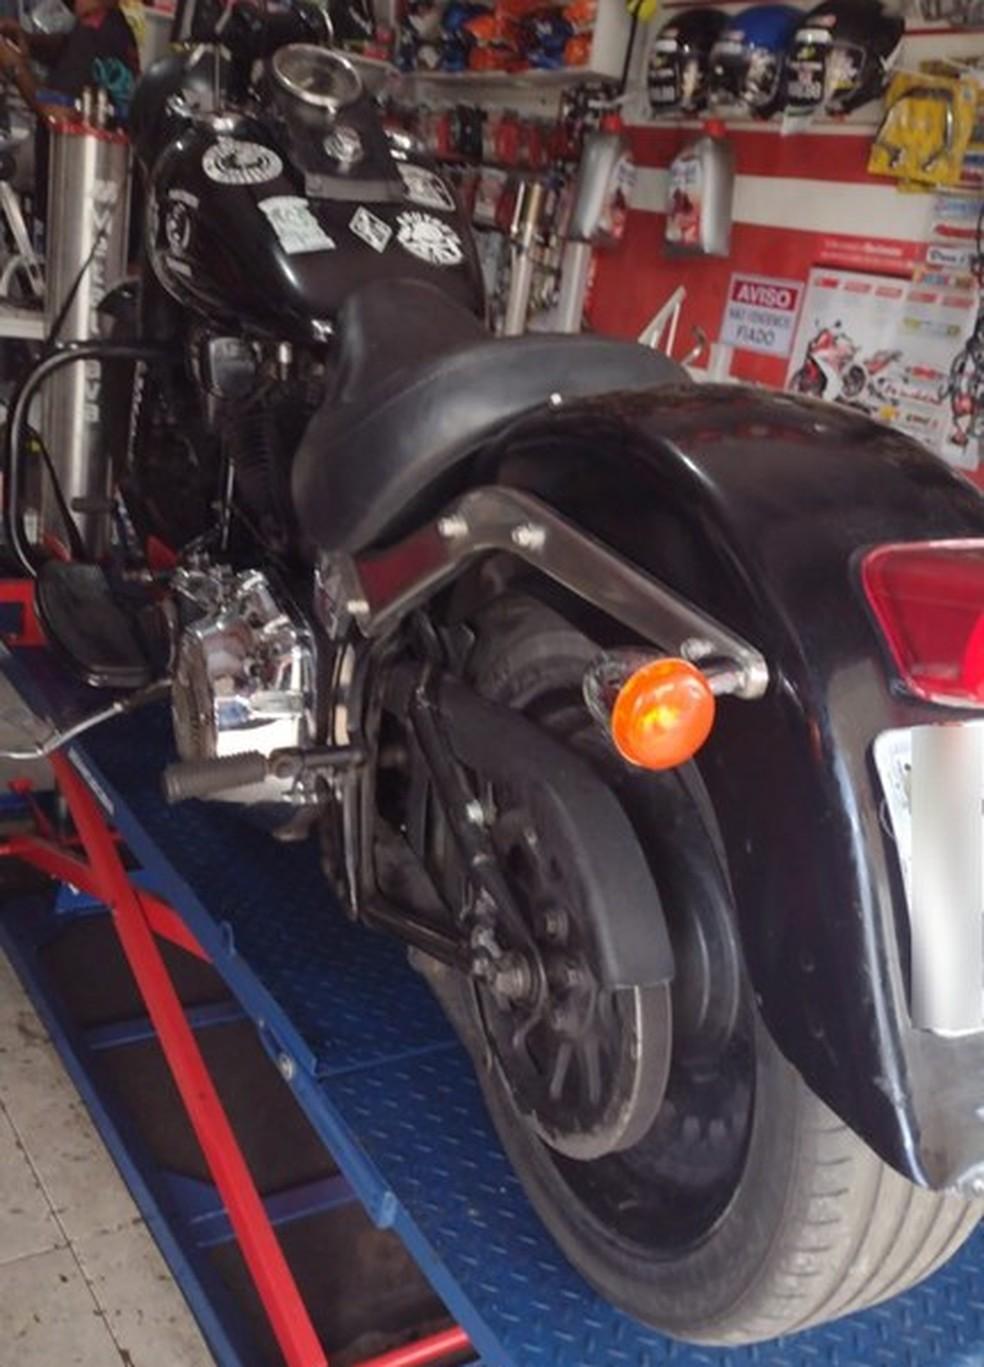 Moto da marca Harley-Davidson roubada foi encontrada em oficina em Natal — Foto: Divulgação